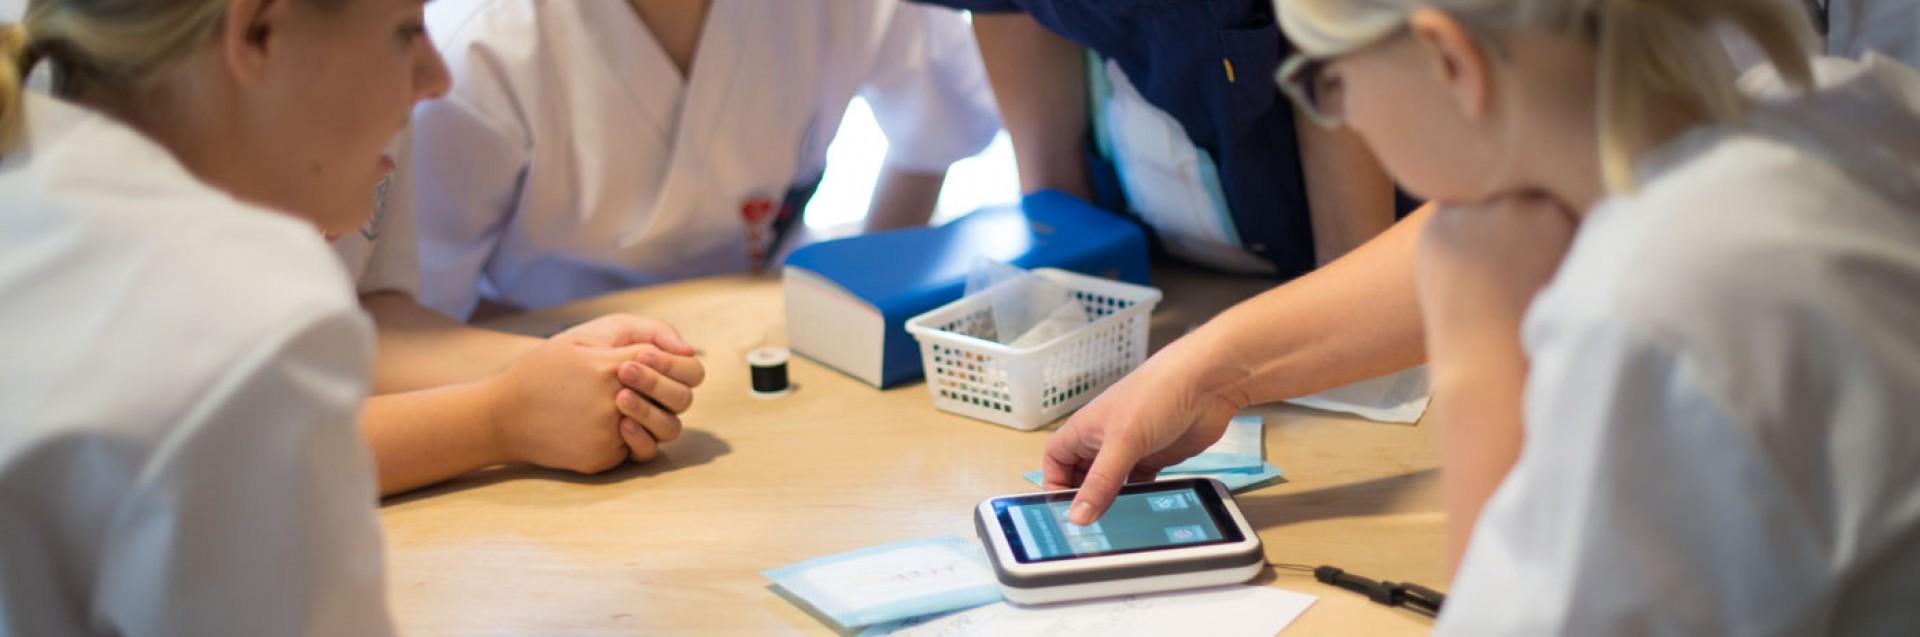 Sykepleiestudenter i lab